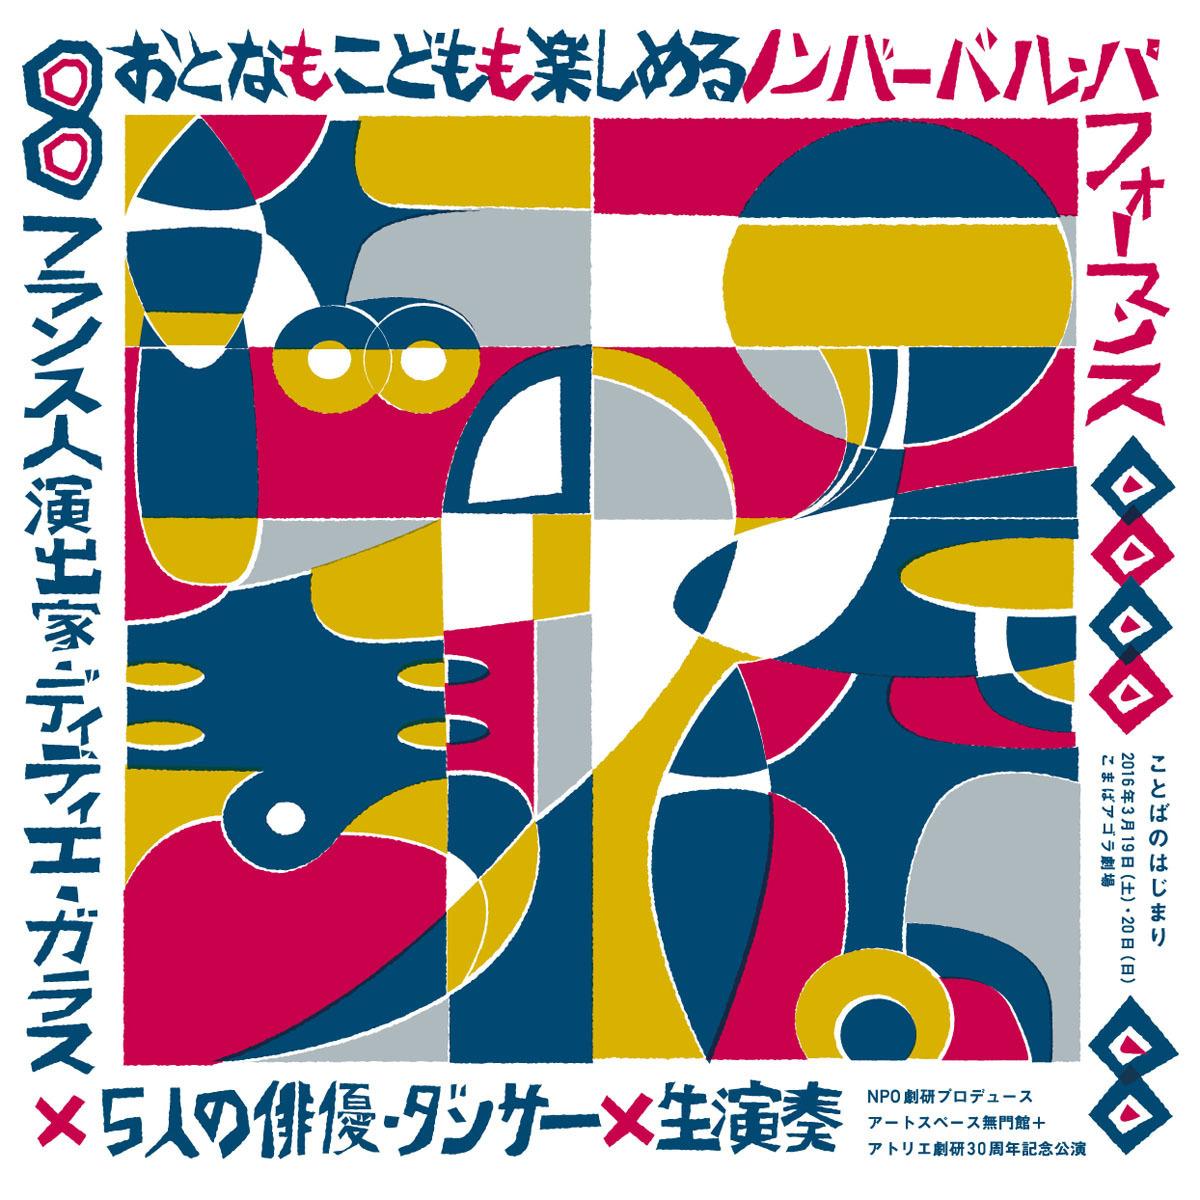 アートスペース無門館+アトリエ劇研30周年記念公演『ことばのはじまり』